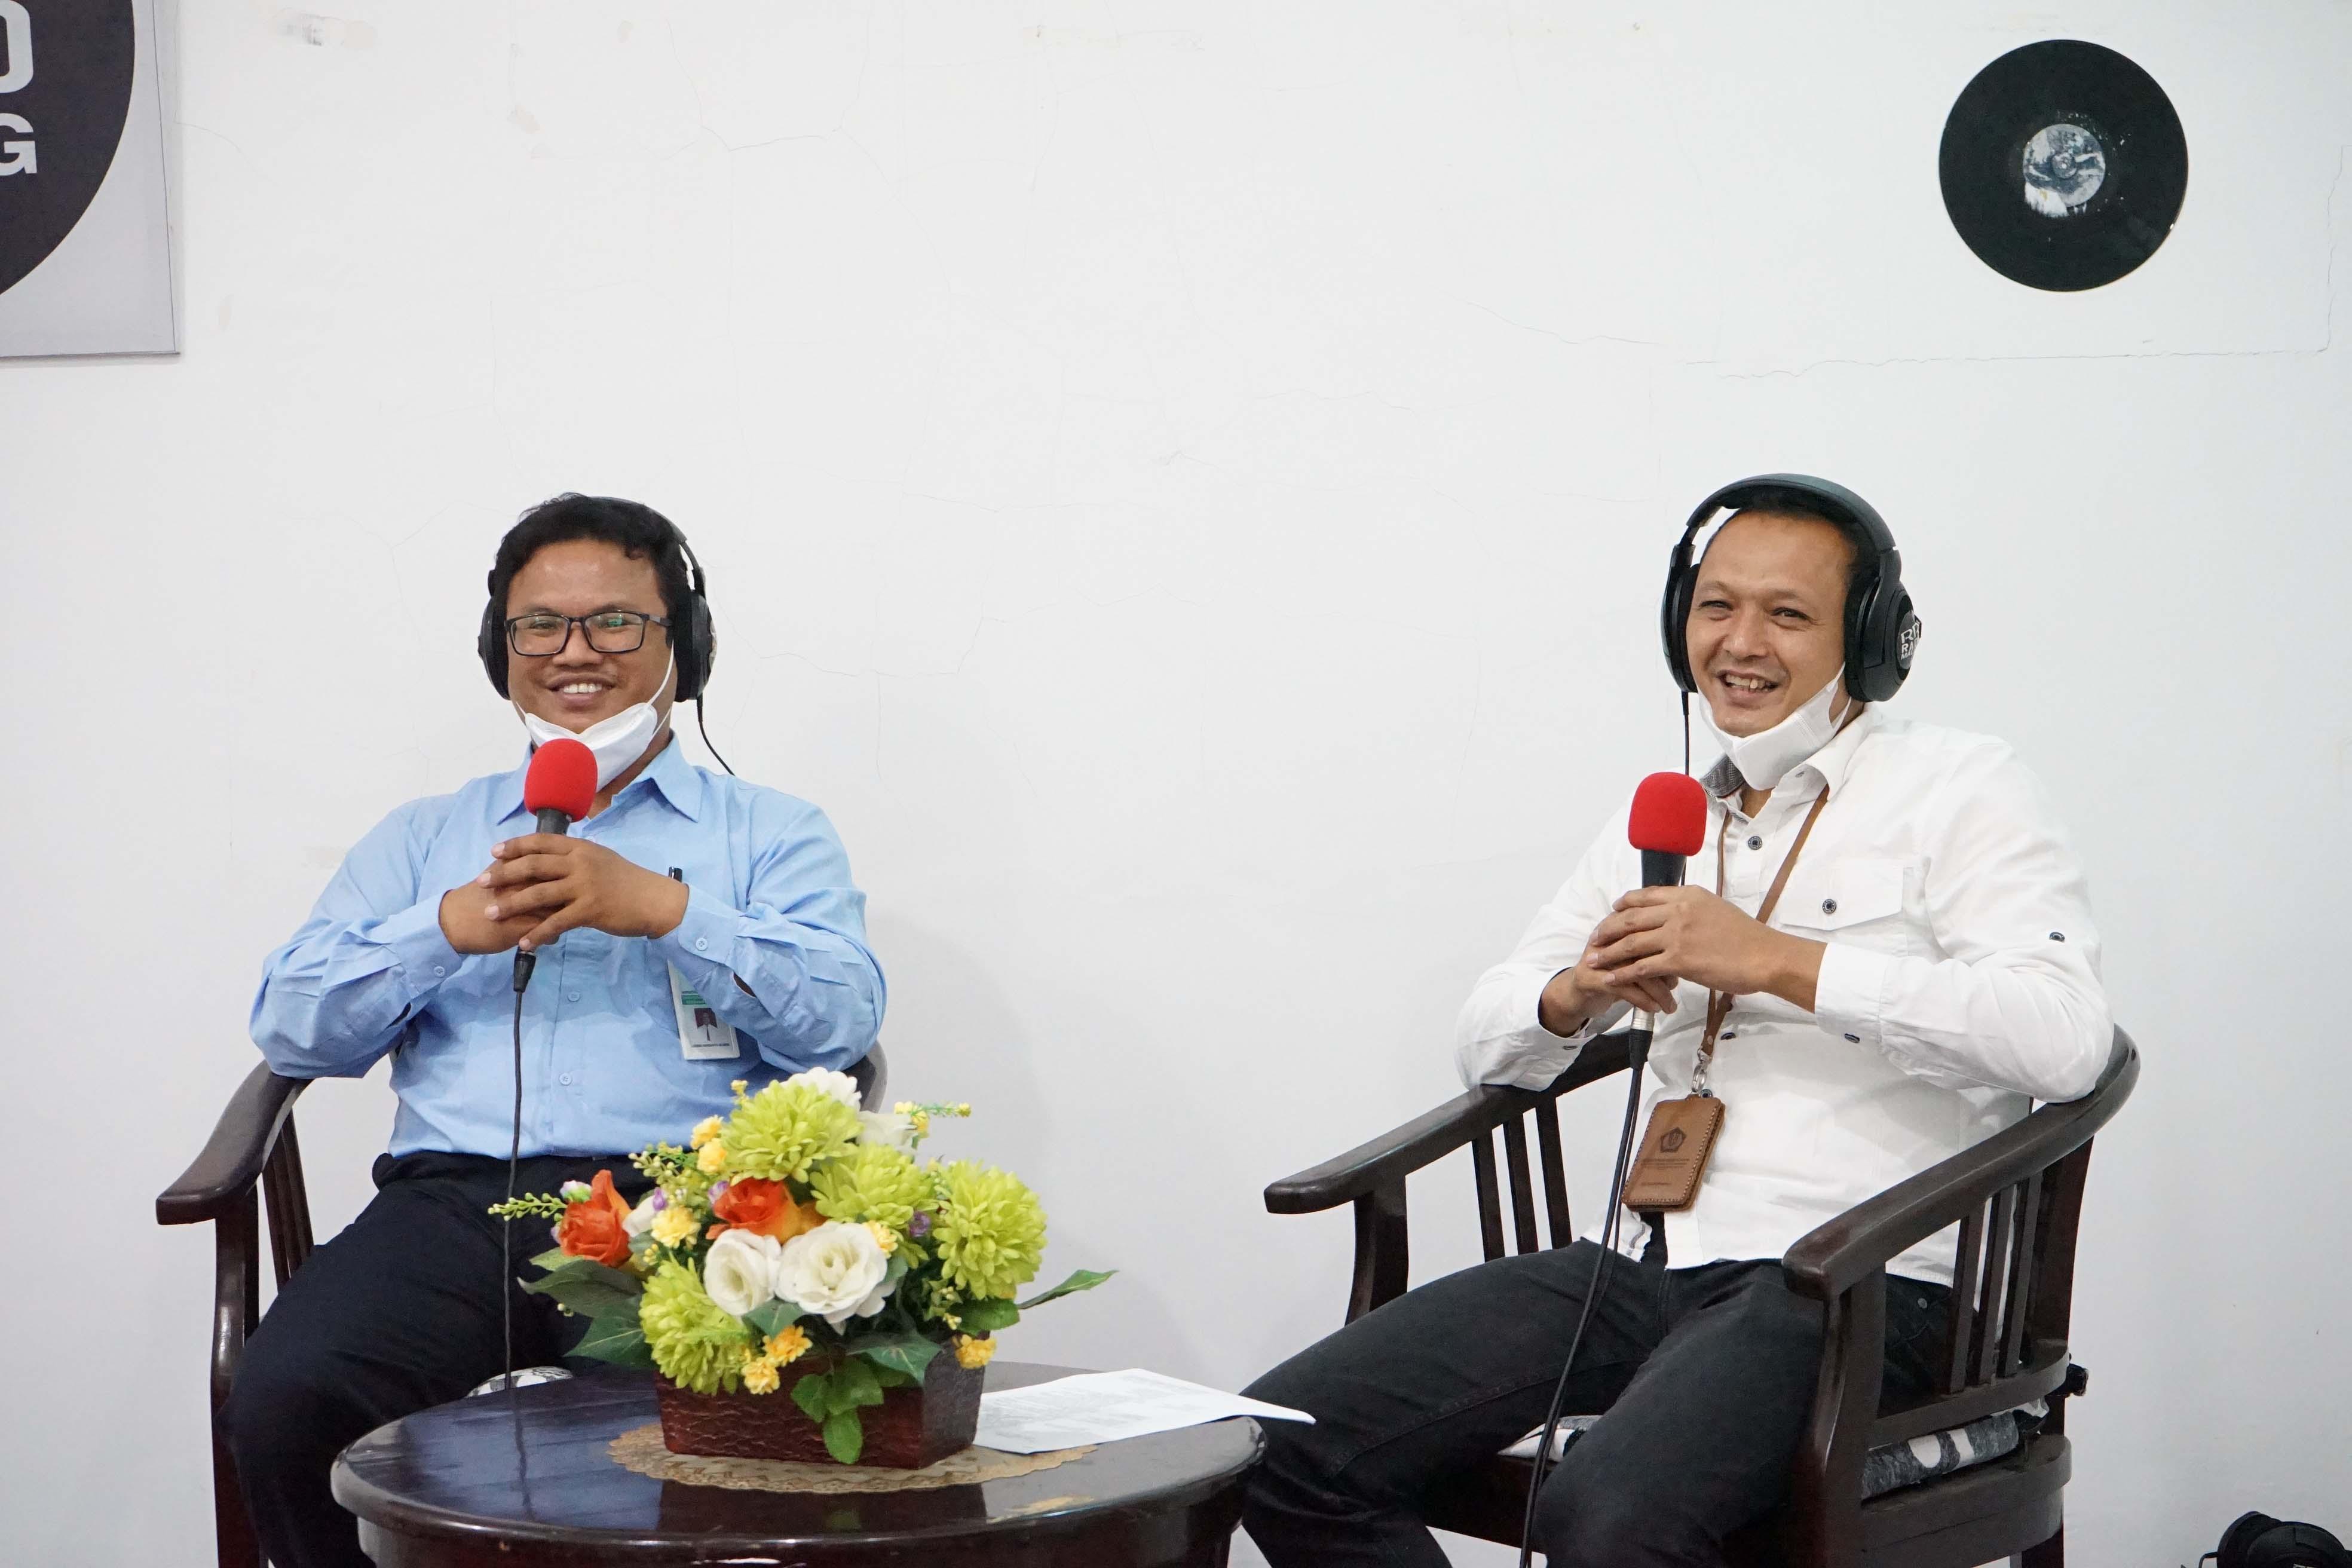 Gandeng RRI Malang, KPKNL Malang Sosialisasikan Kedai Lelang UMKM